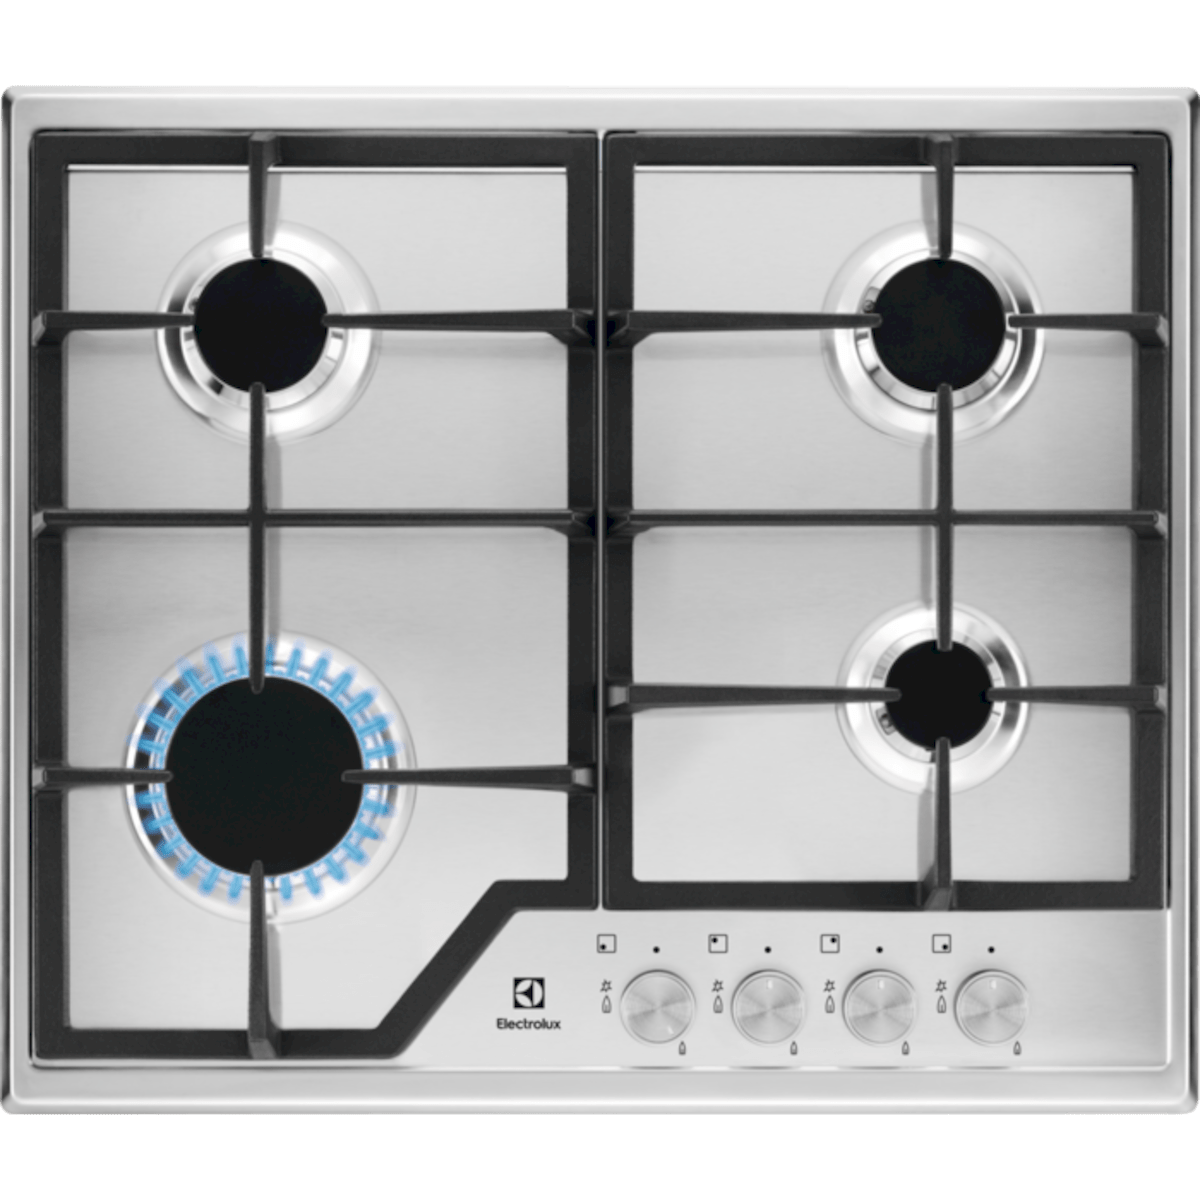 Plynová varná deska Electrolux nerez KGS6426SX